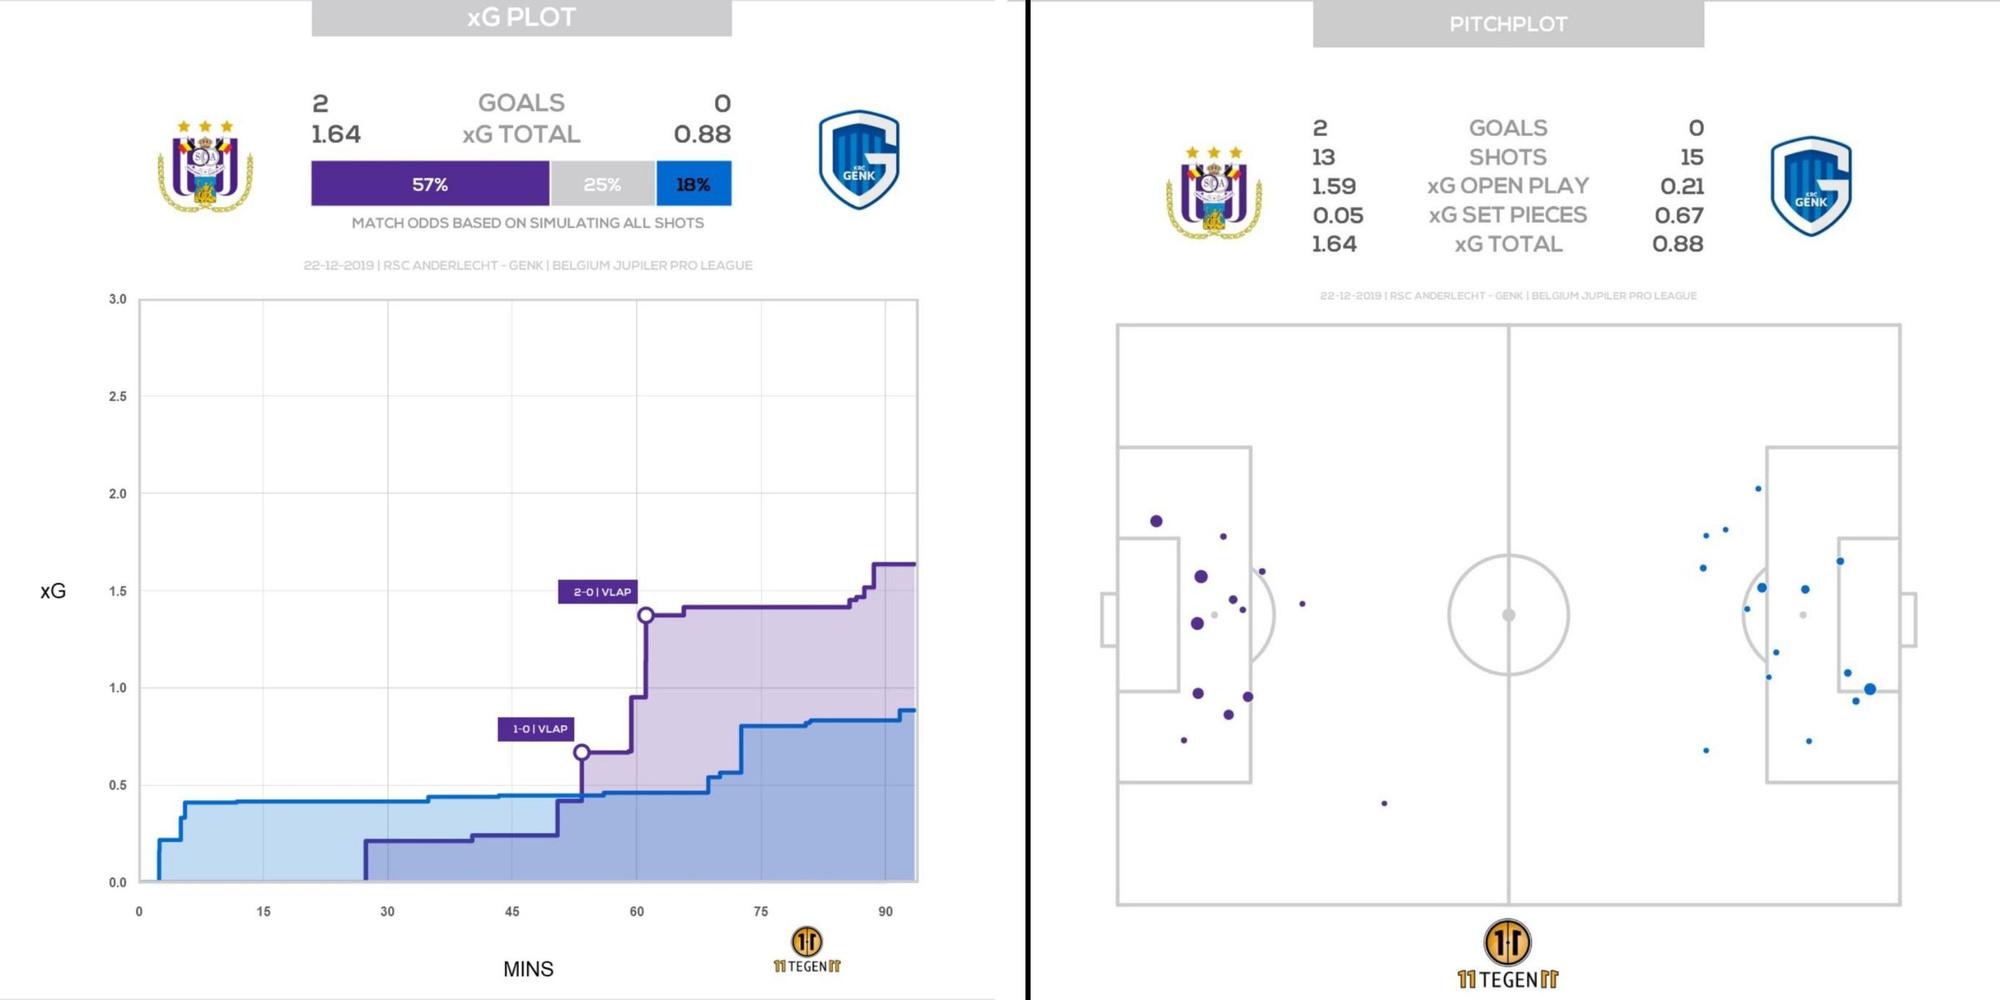 Een voorbeeld van een xG-tijdlijn met winstpercentages en een visueel overzicht van de doelkansen., Opta